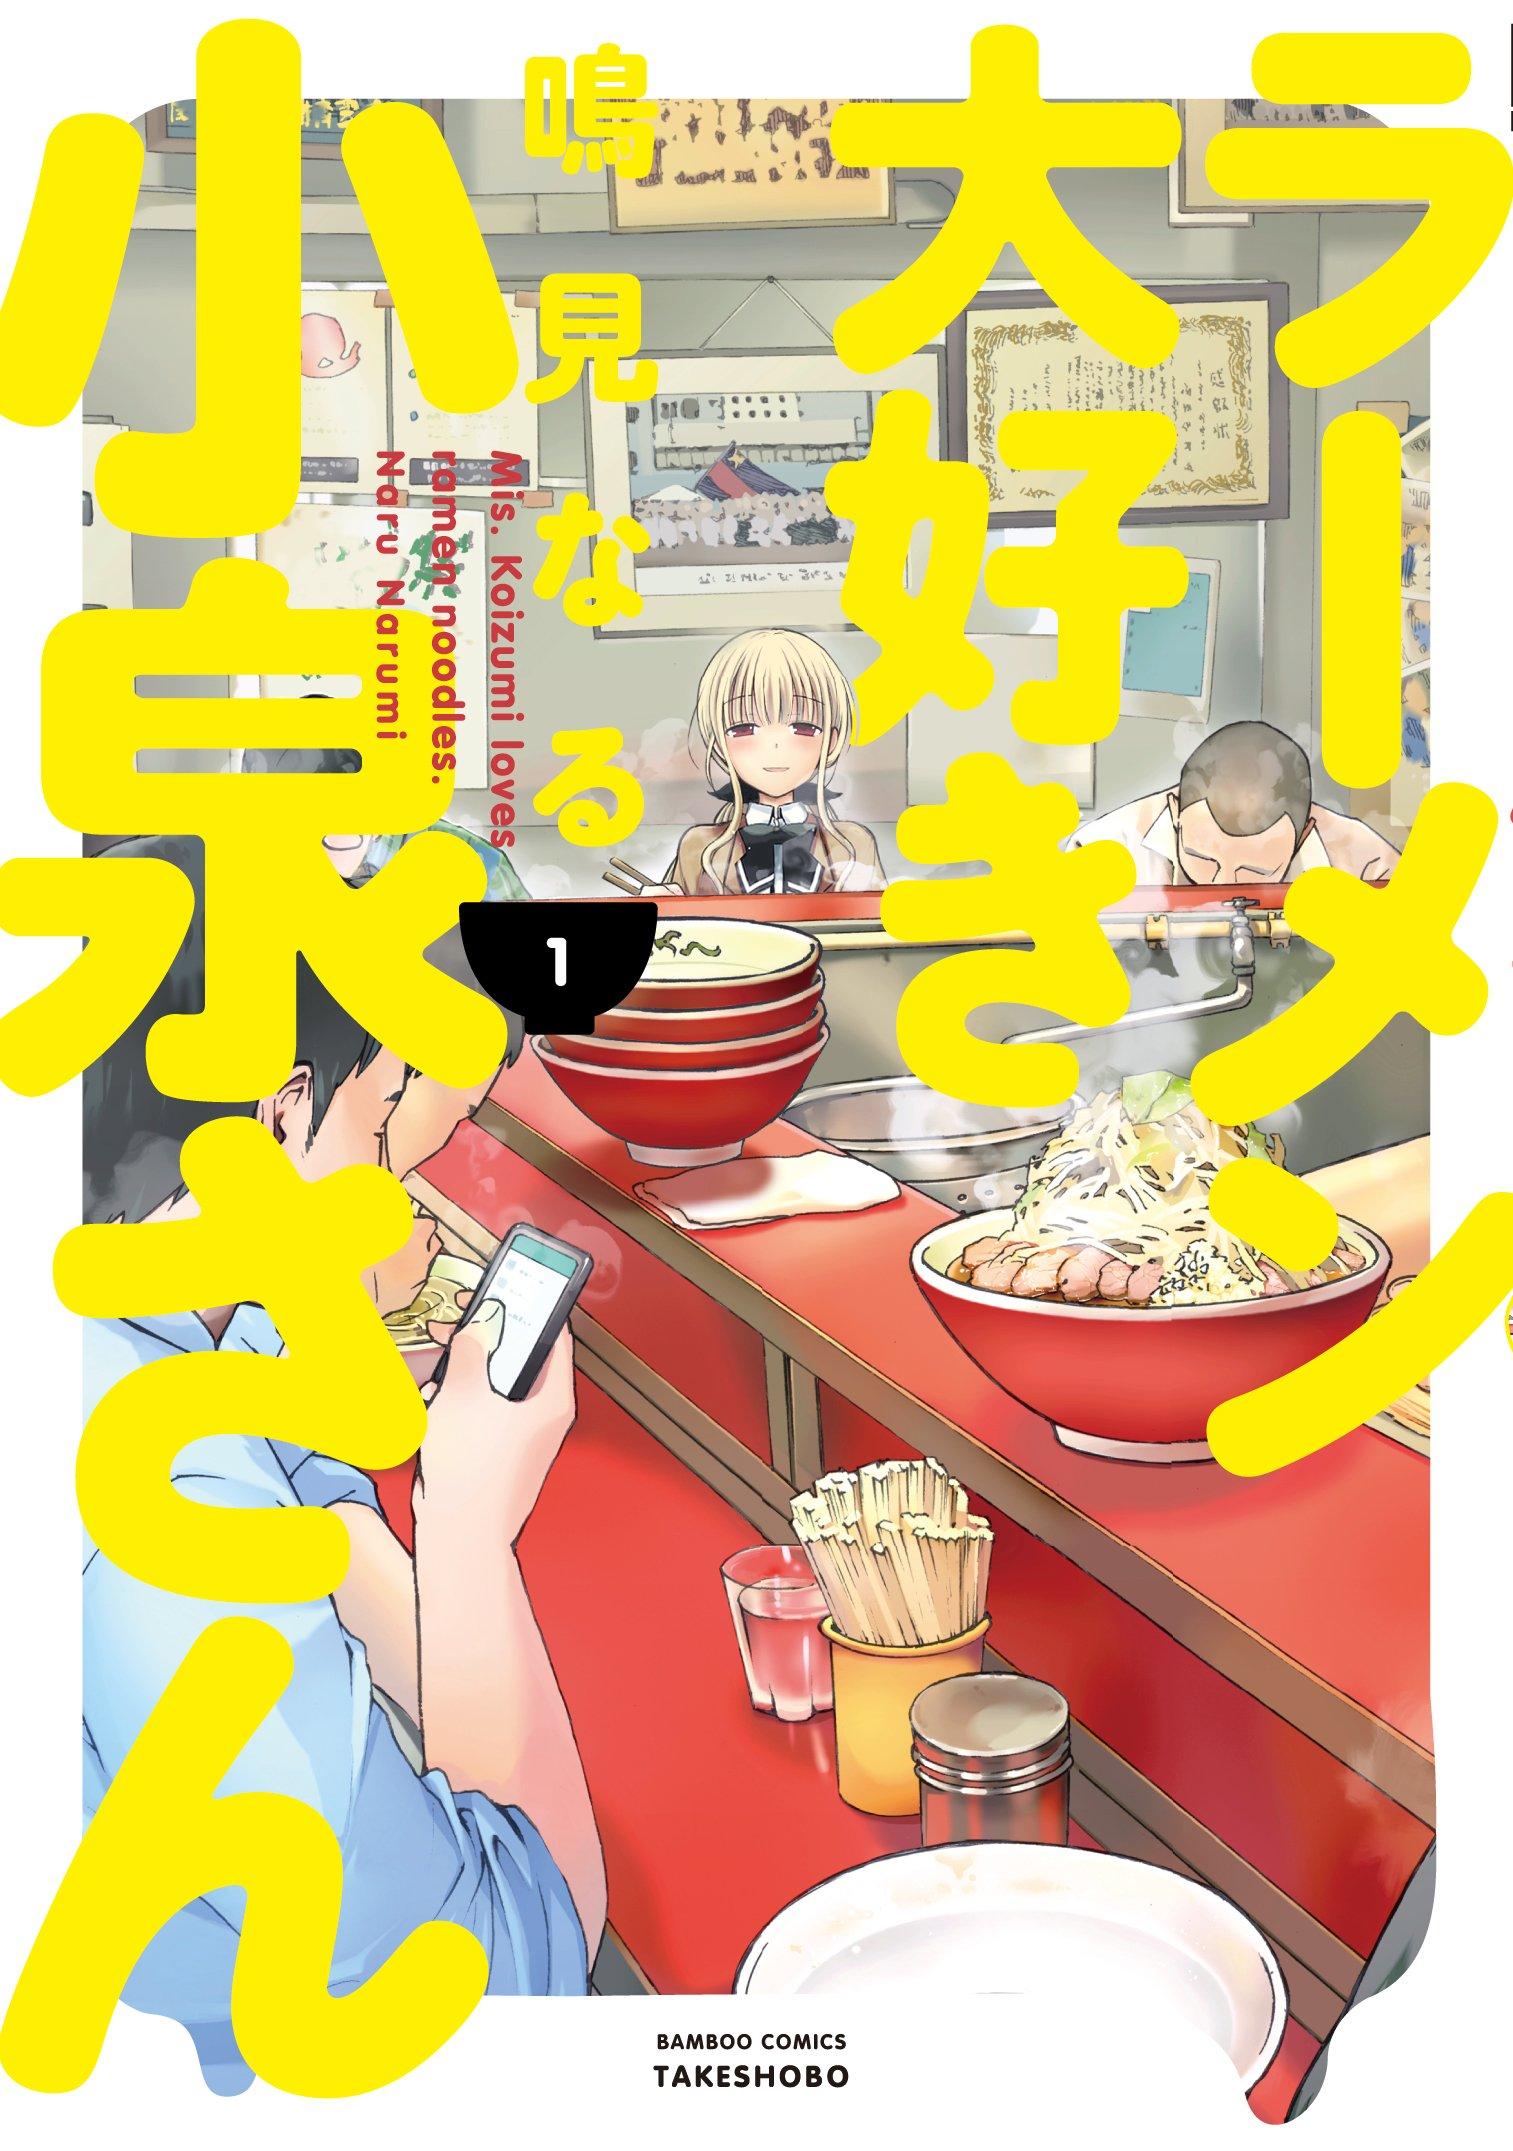 アニメ化が決定している『 ラーメン大好き小泉さん 』ってどんな話なの? そこらの食系漫画とは一味違う、小泉さんの魅力!!